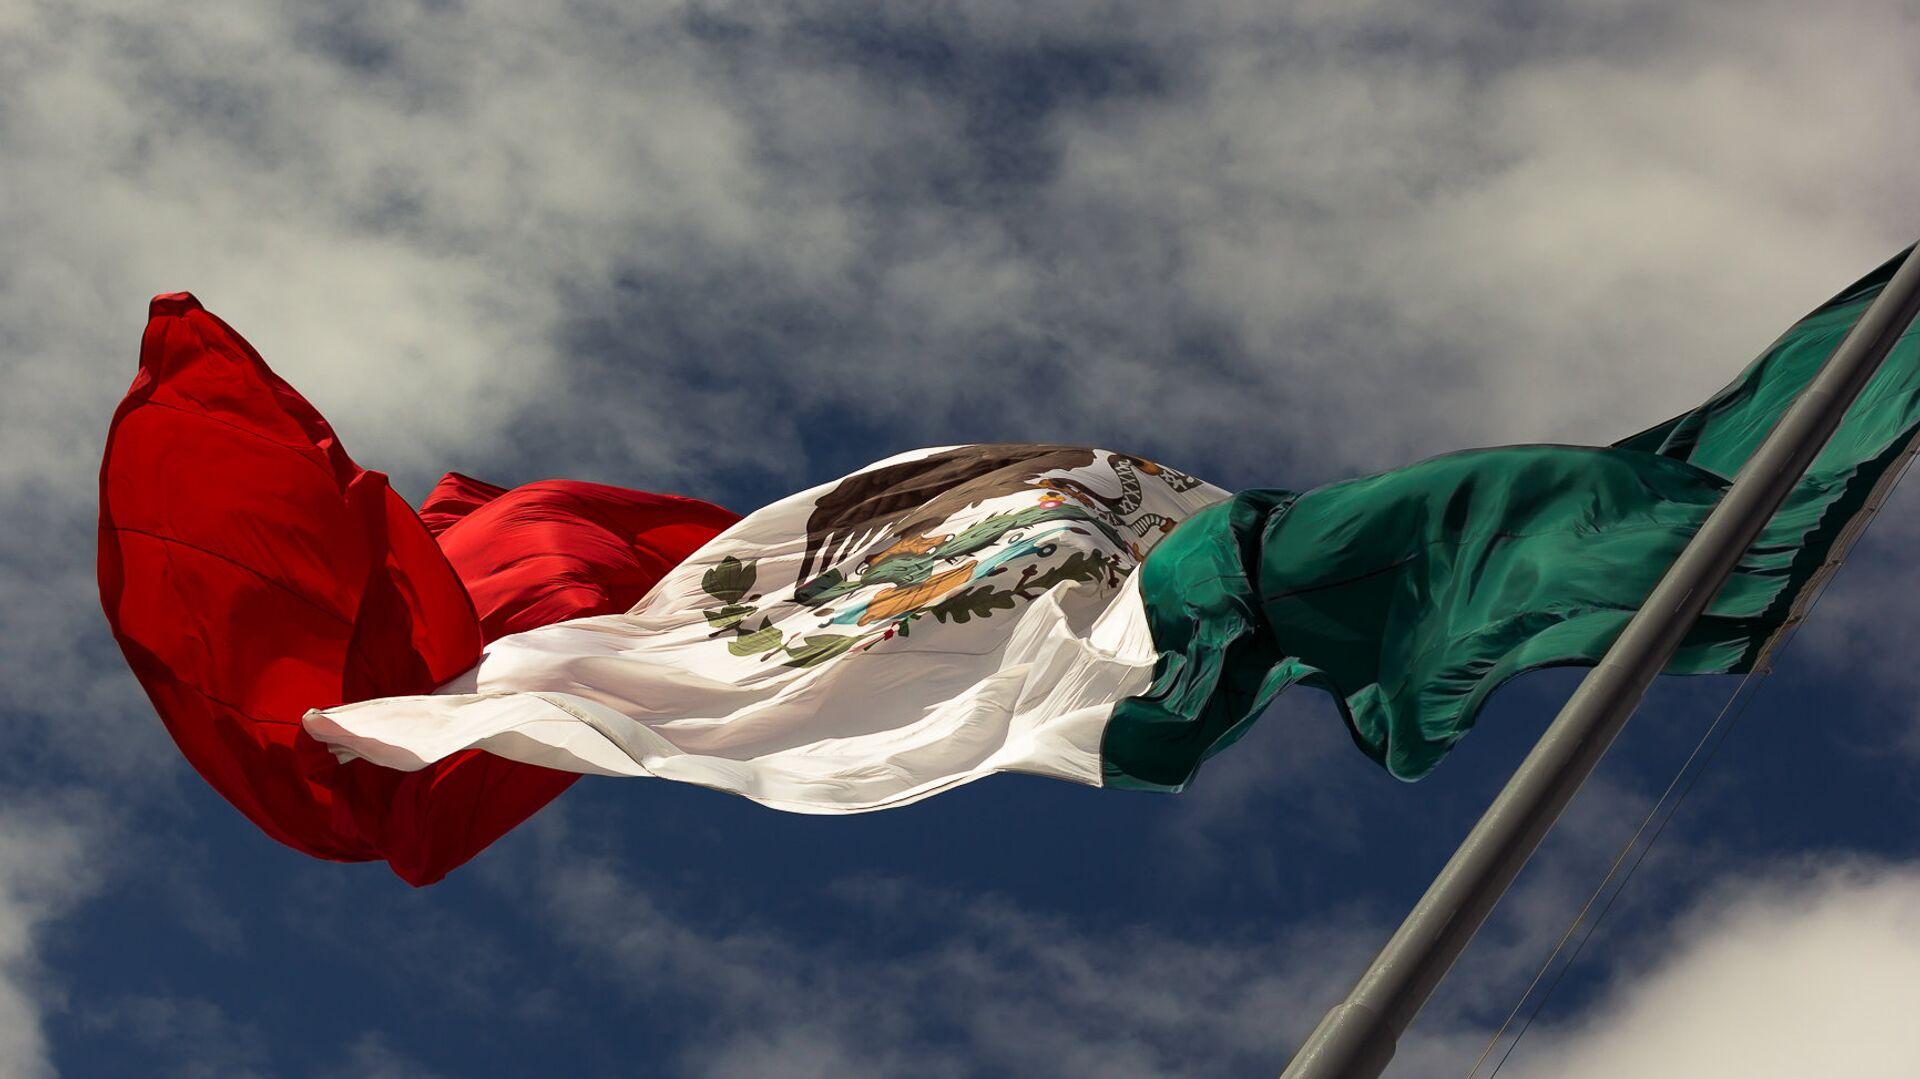 La bandera de México - Sputnik Mundo, 1920, 04.06.2021